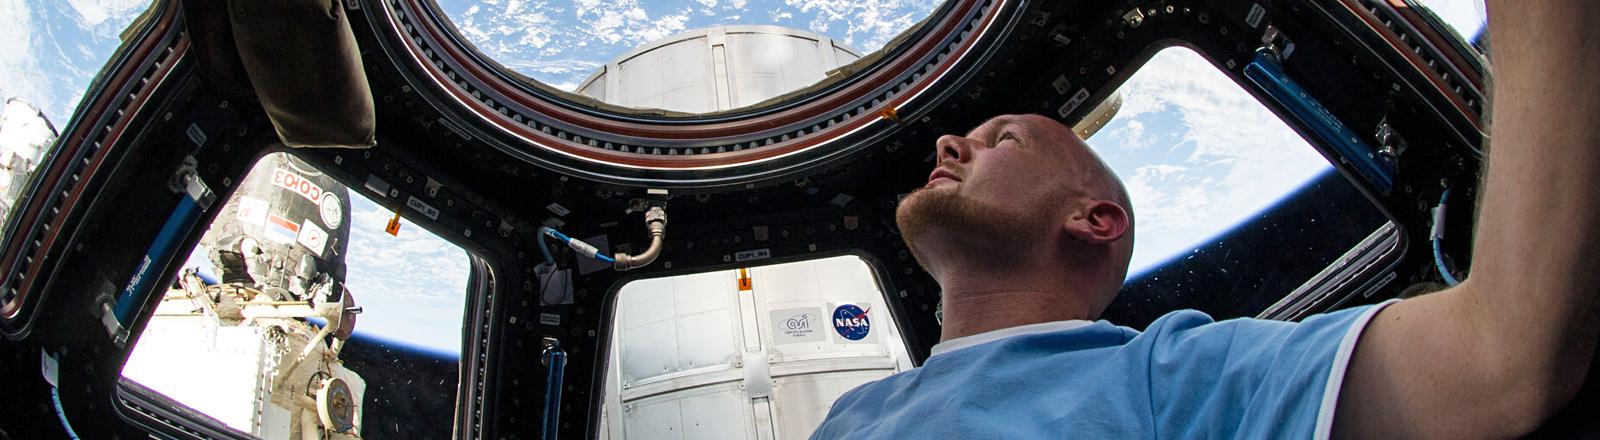 Der Astronaut Alexander Gerst blickt während seines Fluges mit der ISS durch ein Fenster in der Kuppel auf die Erde; Bild: dpa | Nasa/dpa